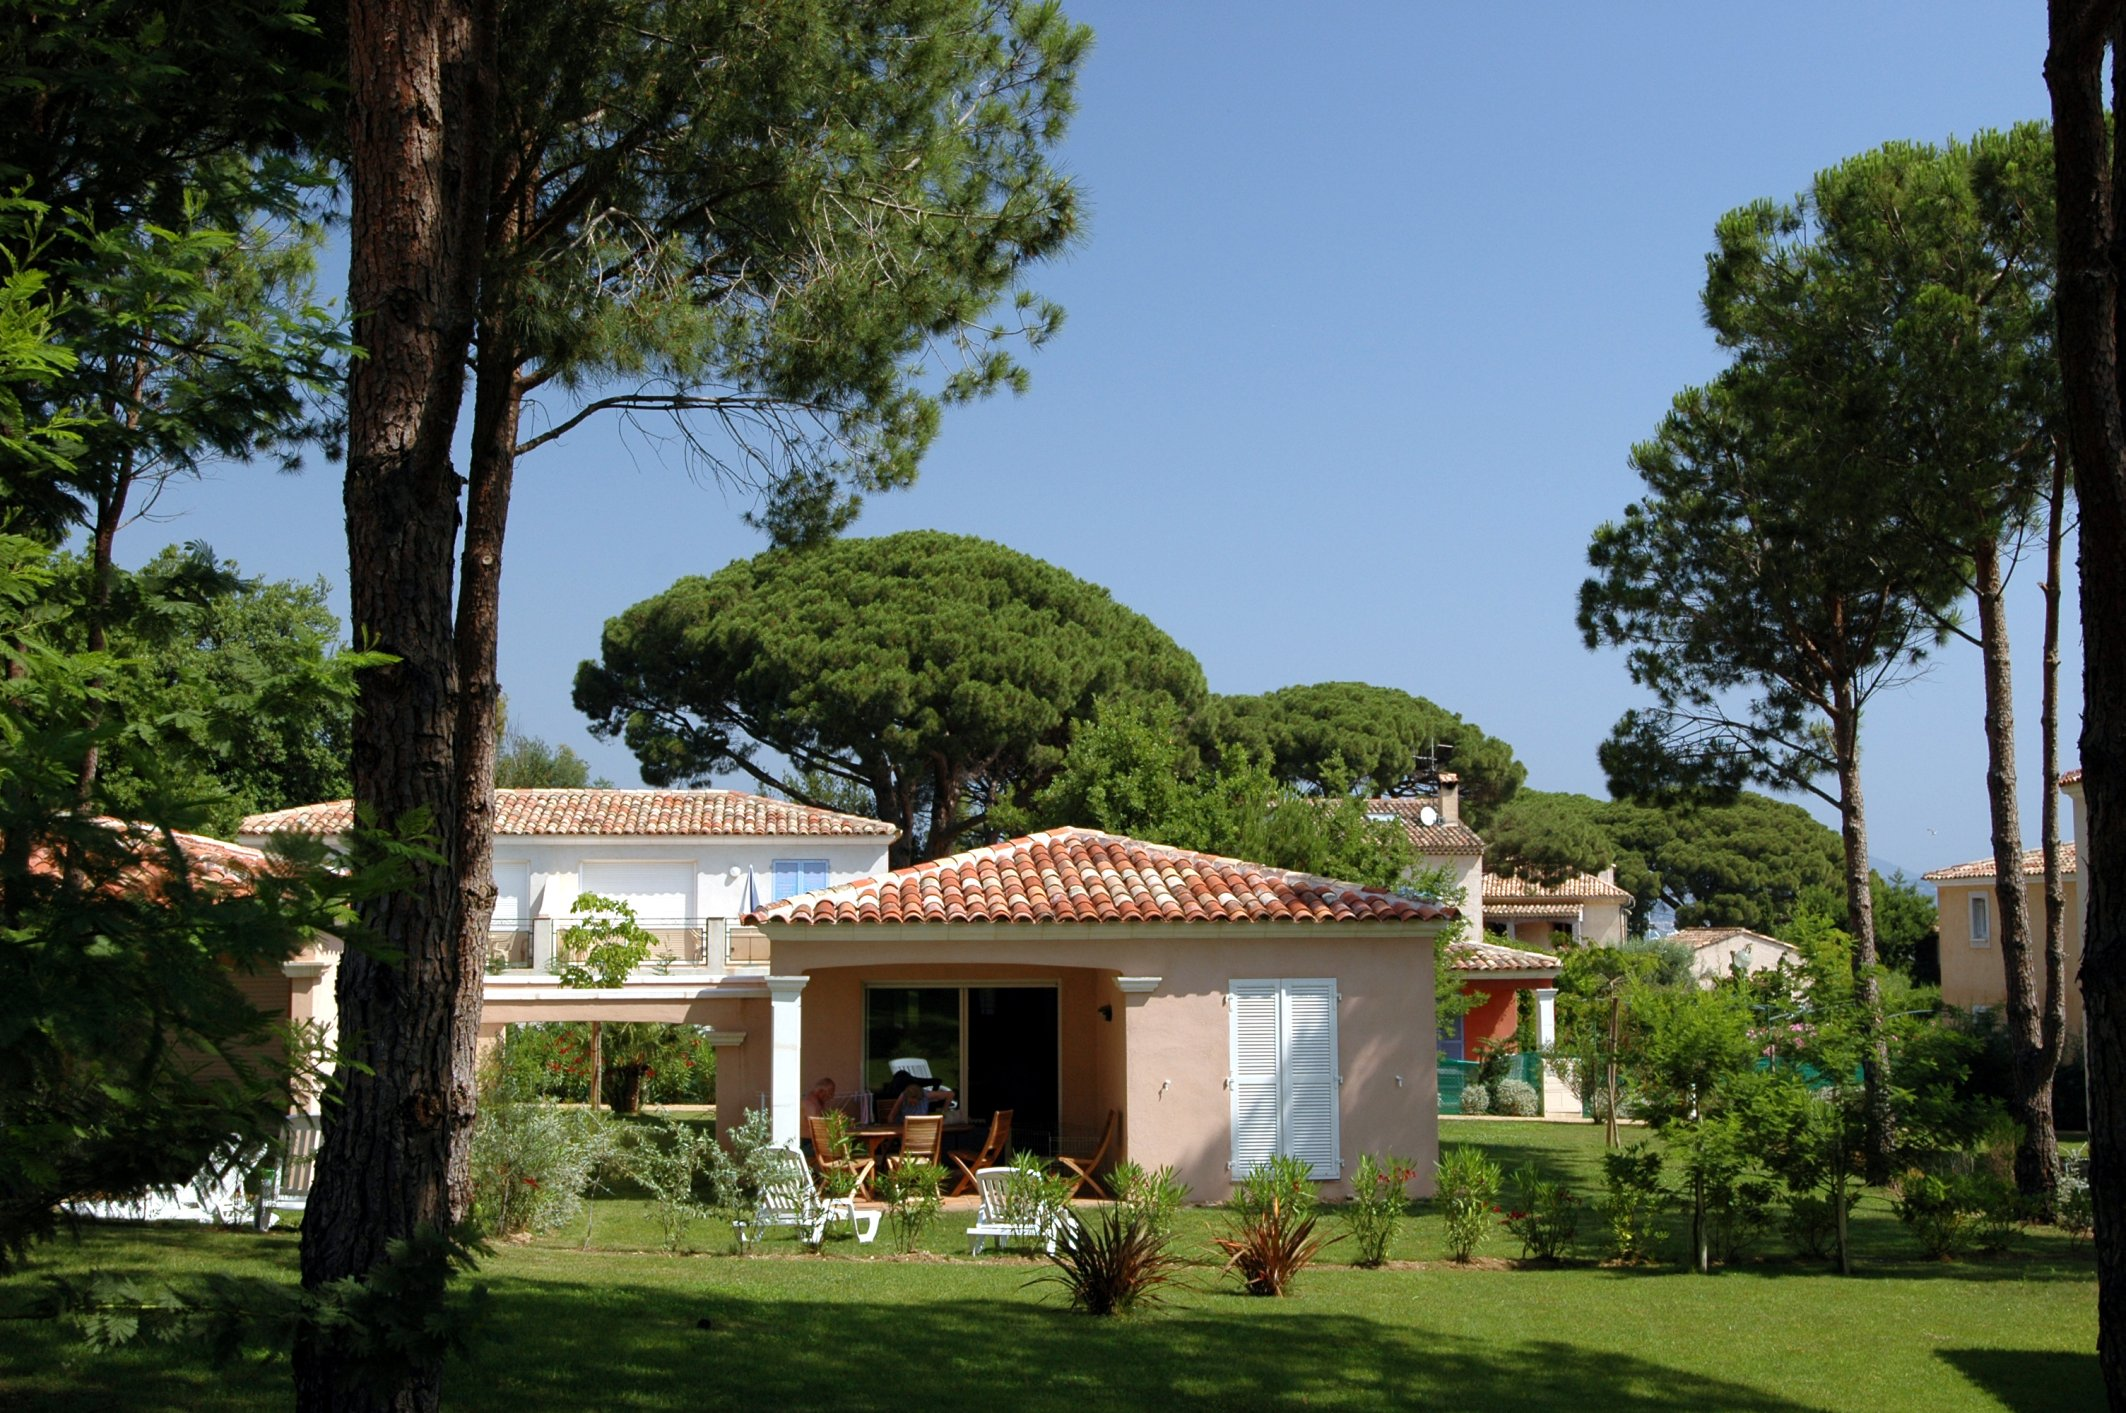 Ferienwohnung Gassin/St. Tropez 3p6 Le Clos-RDC/É (1063857), Gassin, Côte d'Azur, Provence - Alpen - Côte d'Azur, Frankreich, Bild 2